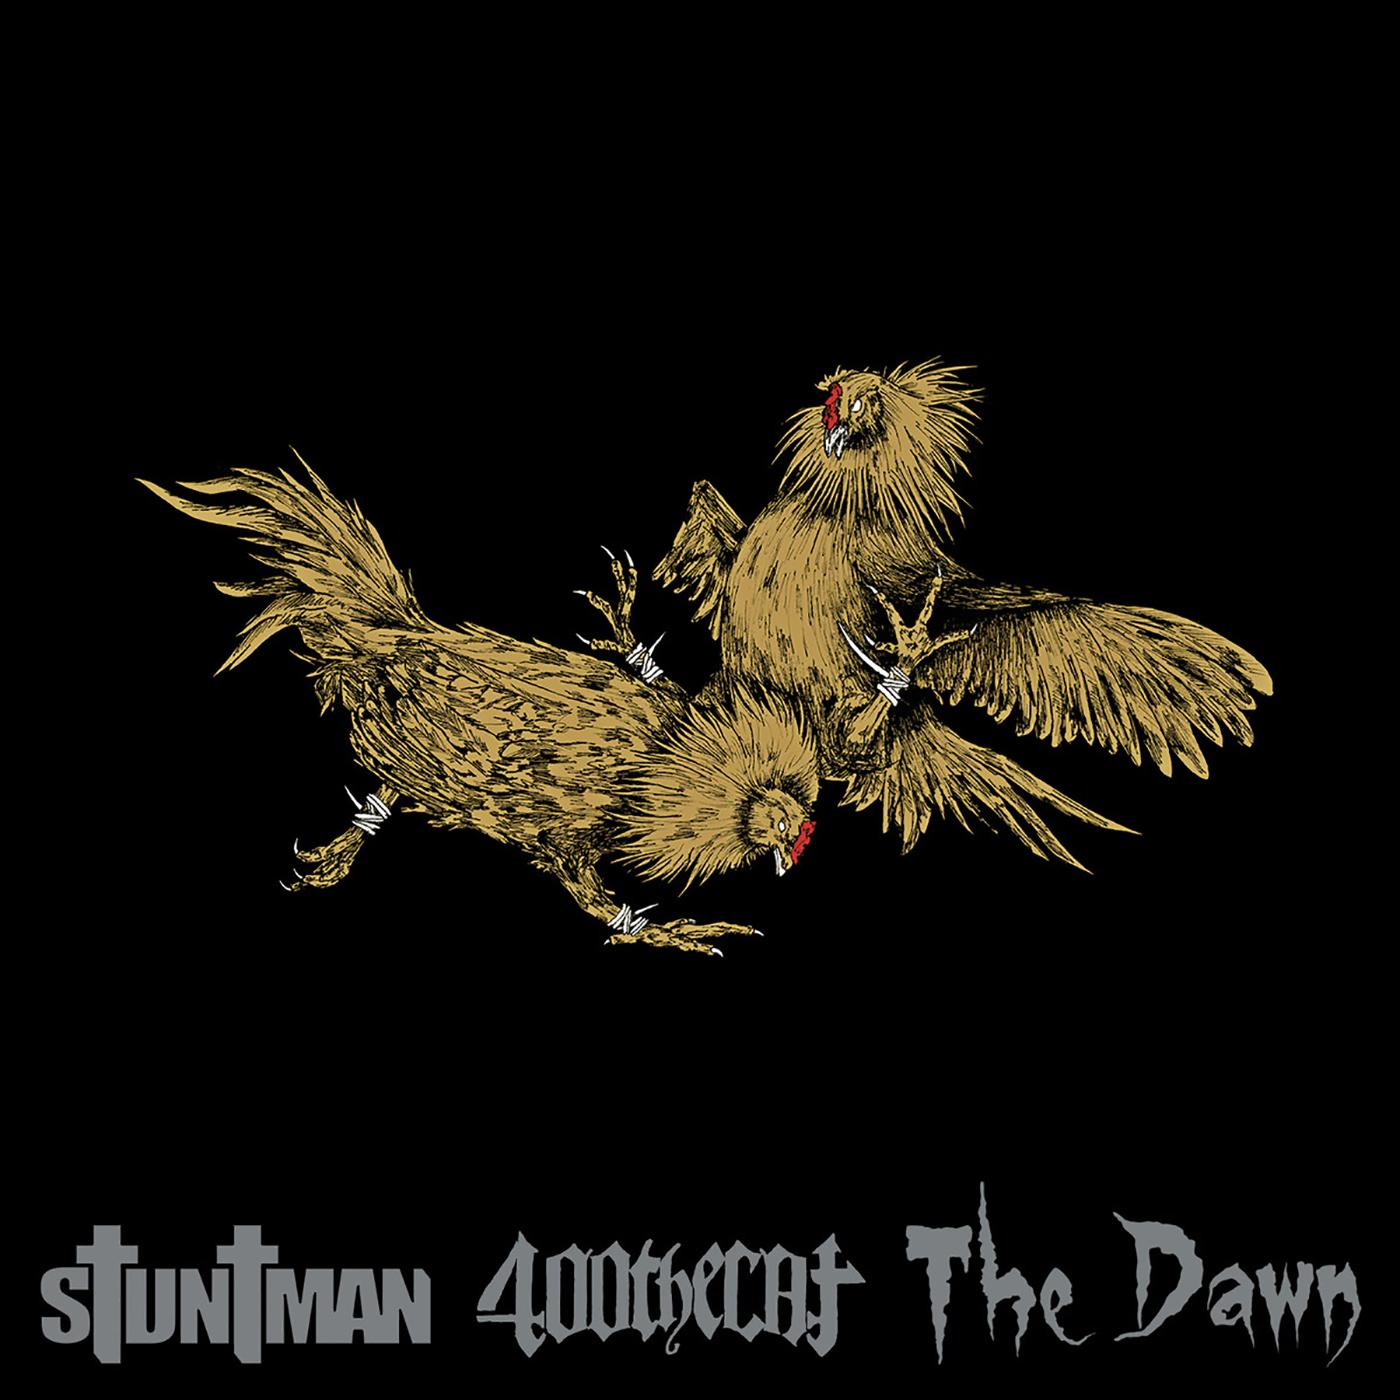 Split Stuntman / 400theCat / The Dawn